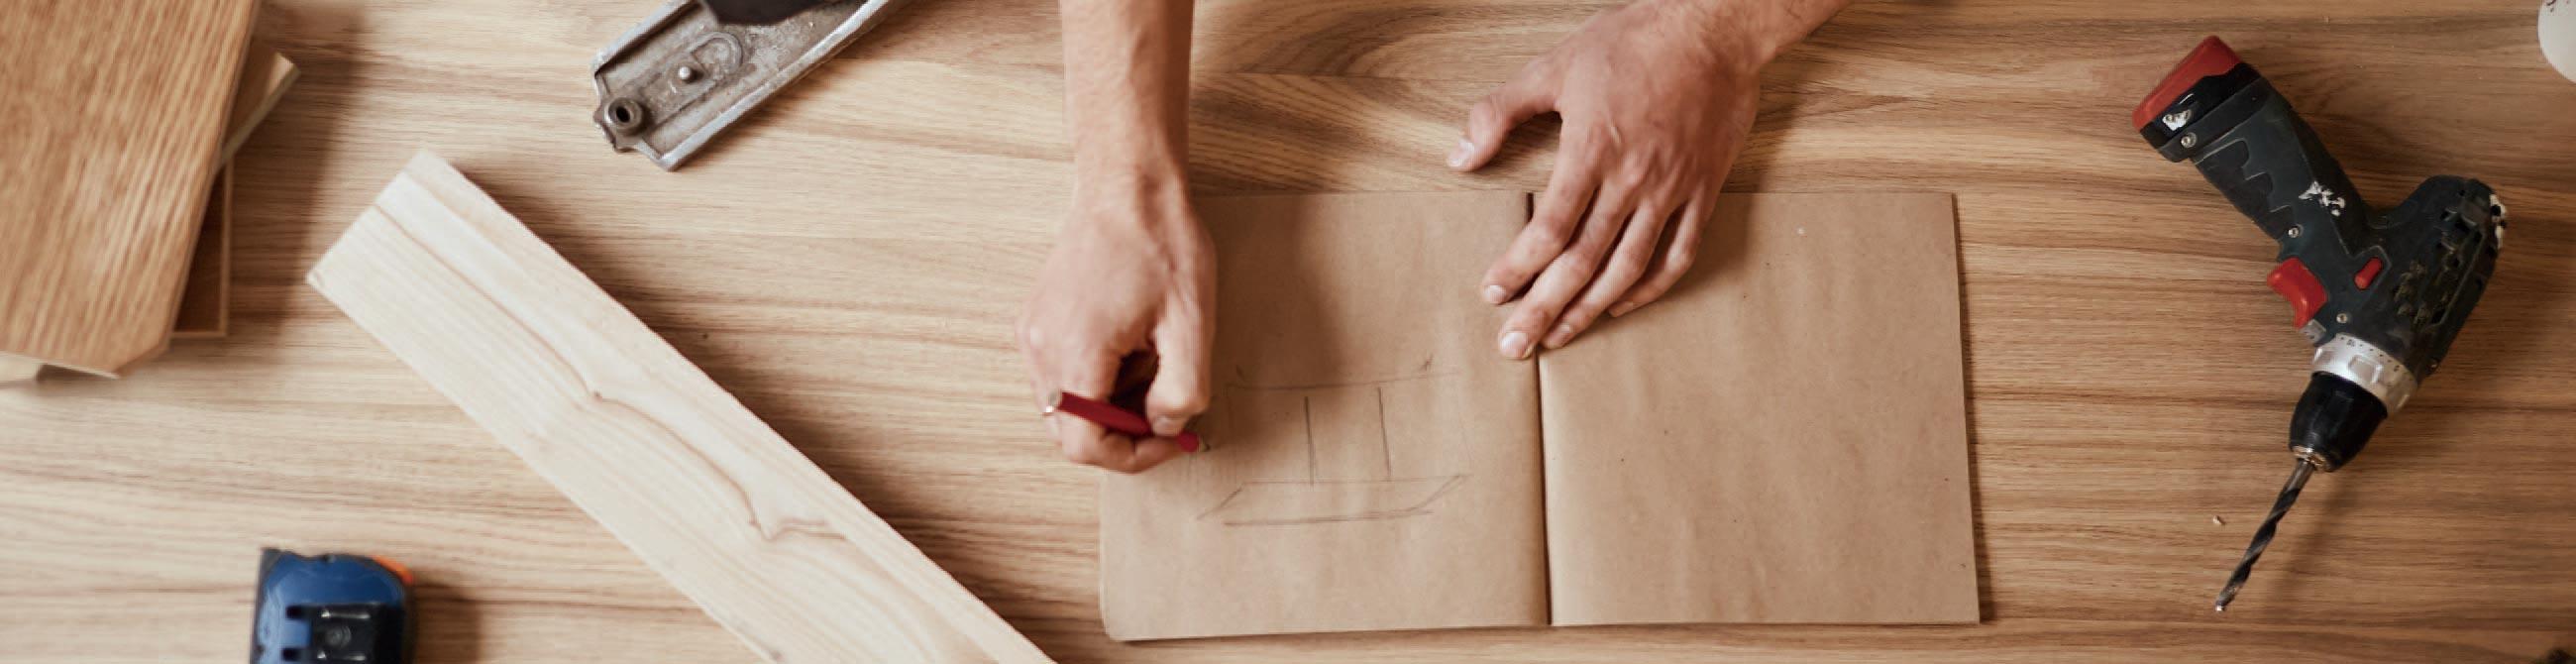 作業台の上で設計図を書く手